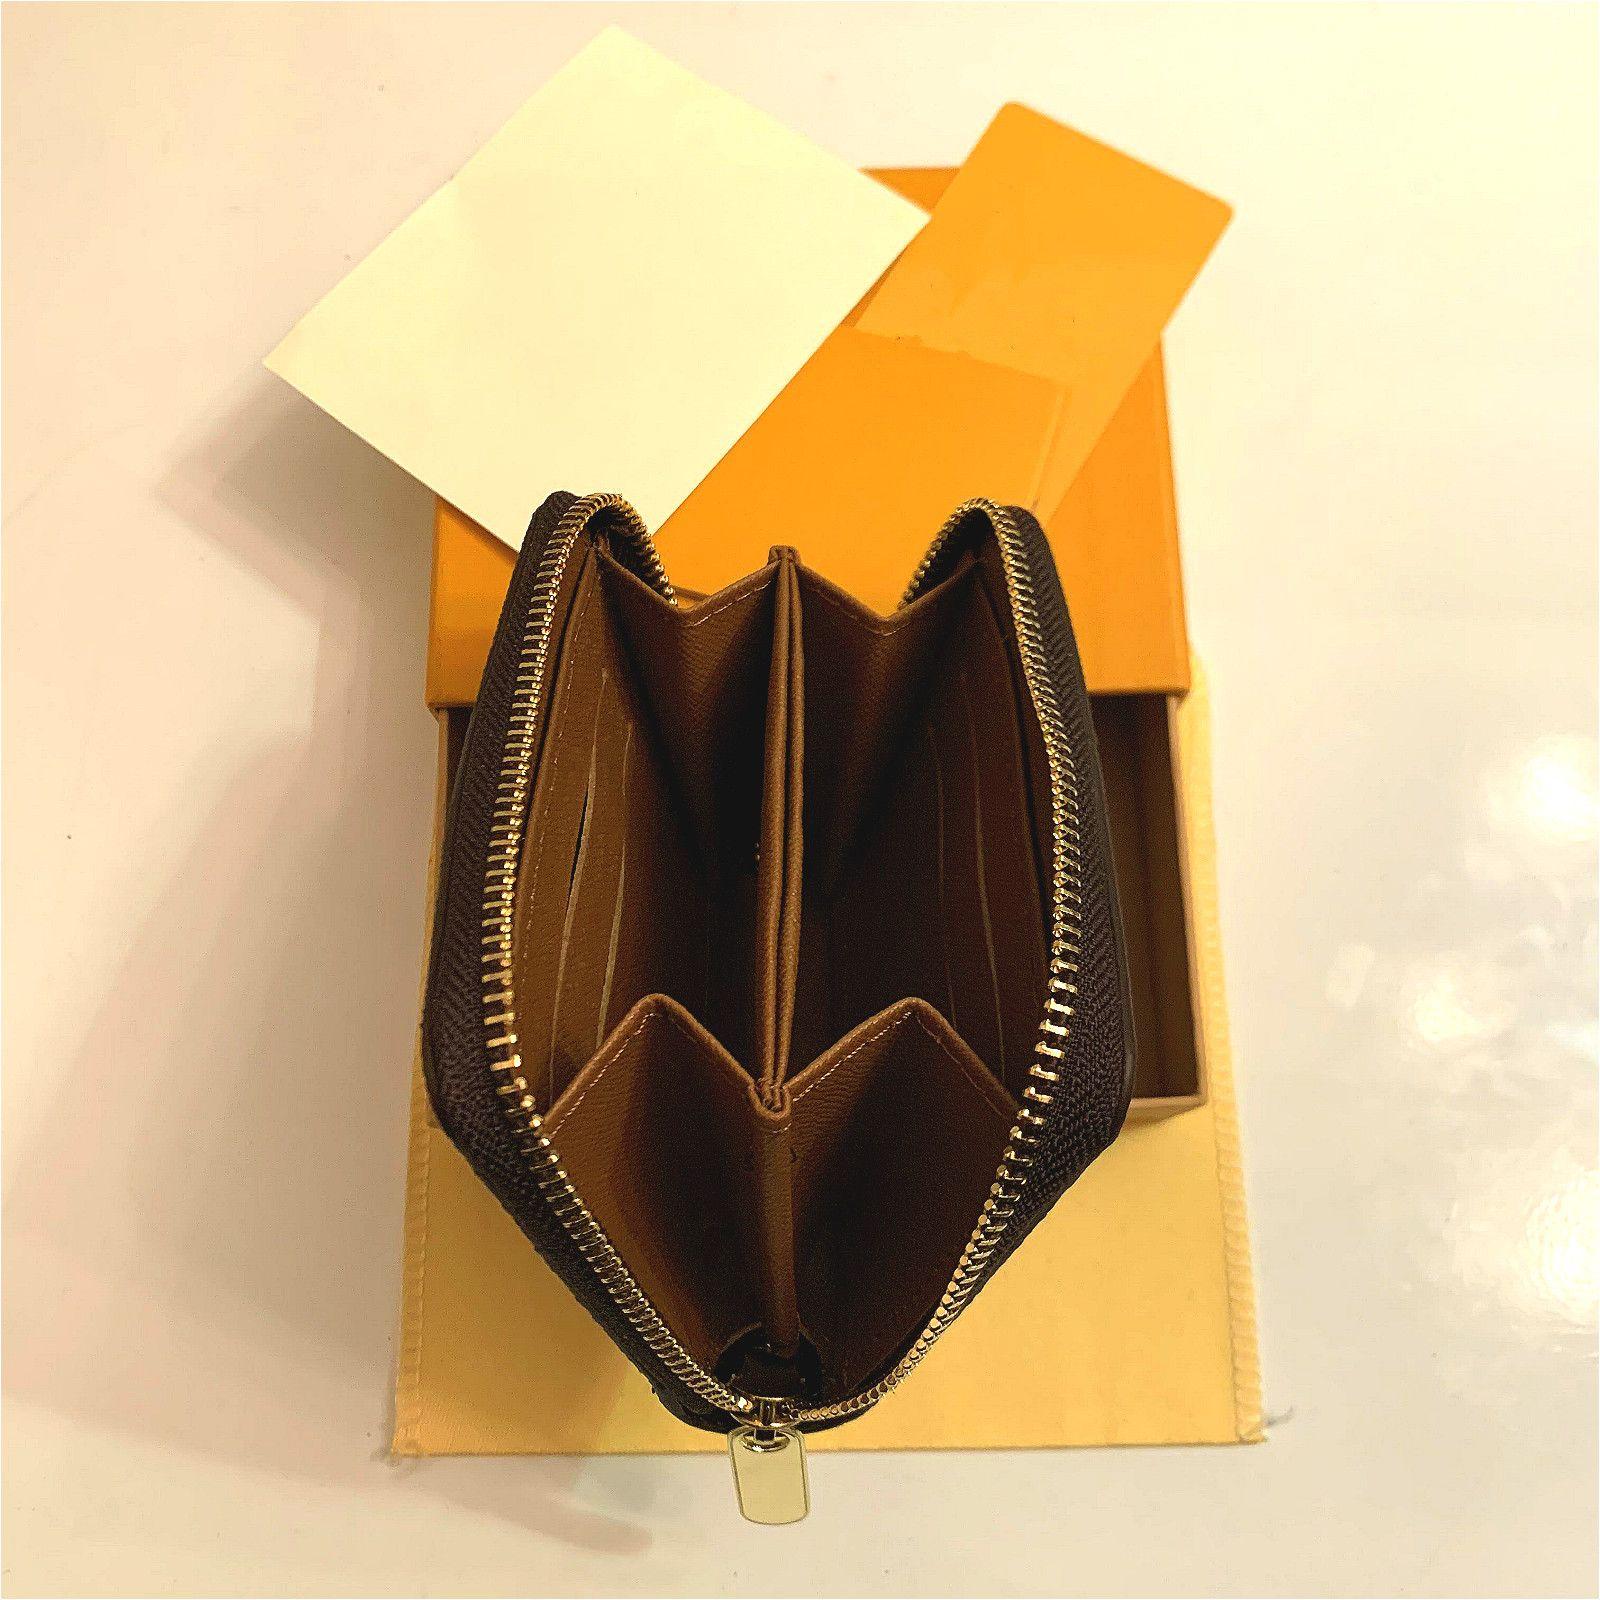 M42616 Designer di lusso Zippy Long Portafoglio Long Women's Zipper Brown Portafoglio Mono Gram Canvers Leather Check Plaid Portafoglio Buono Qaulity